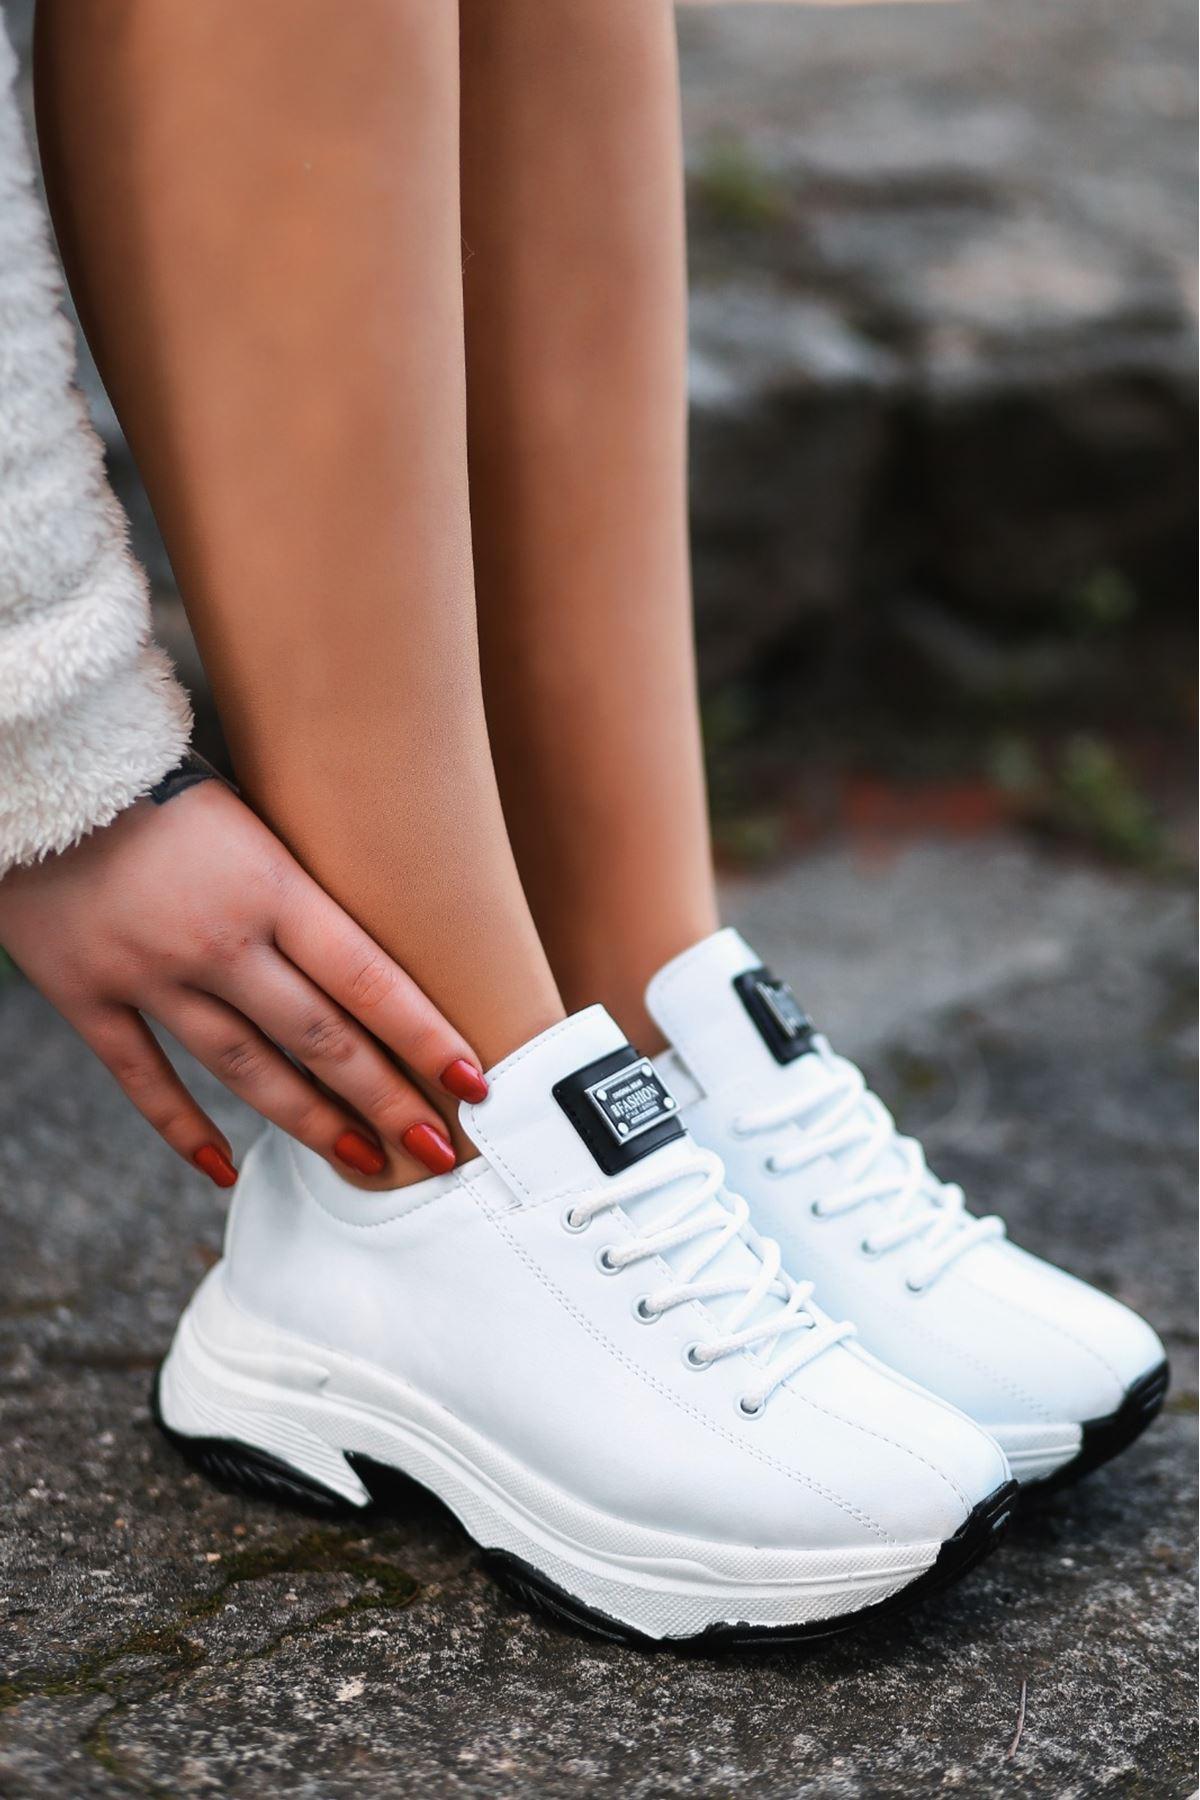 For-501 Mat Deri Bağcıklı Kadın Spor Ayakkabı Beyaz